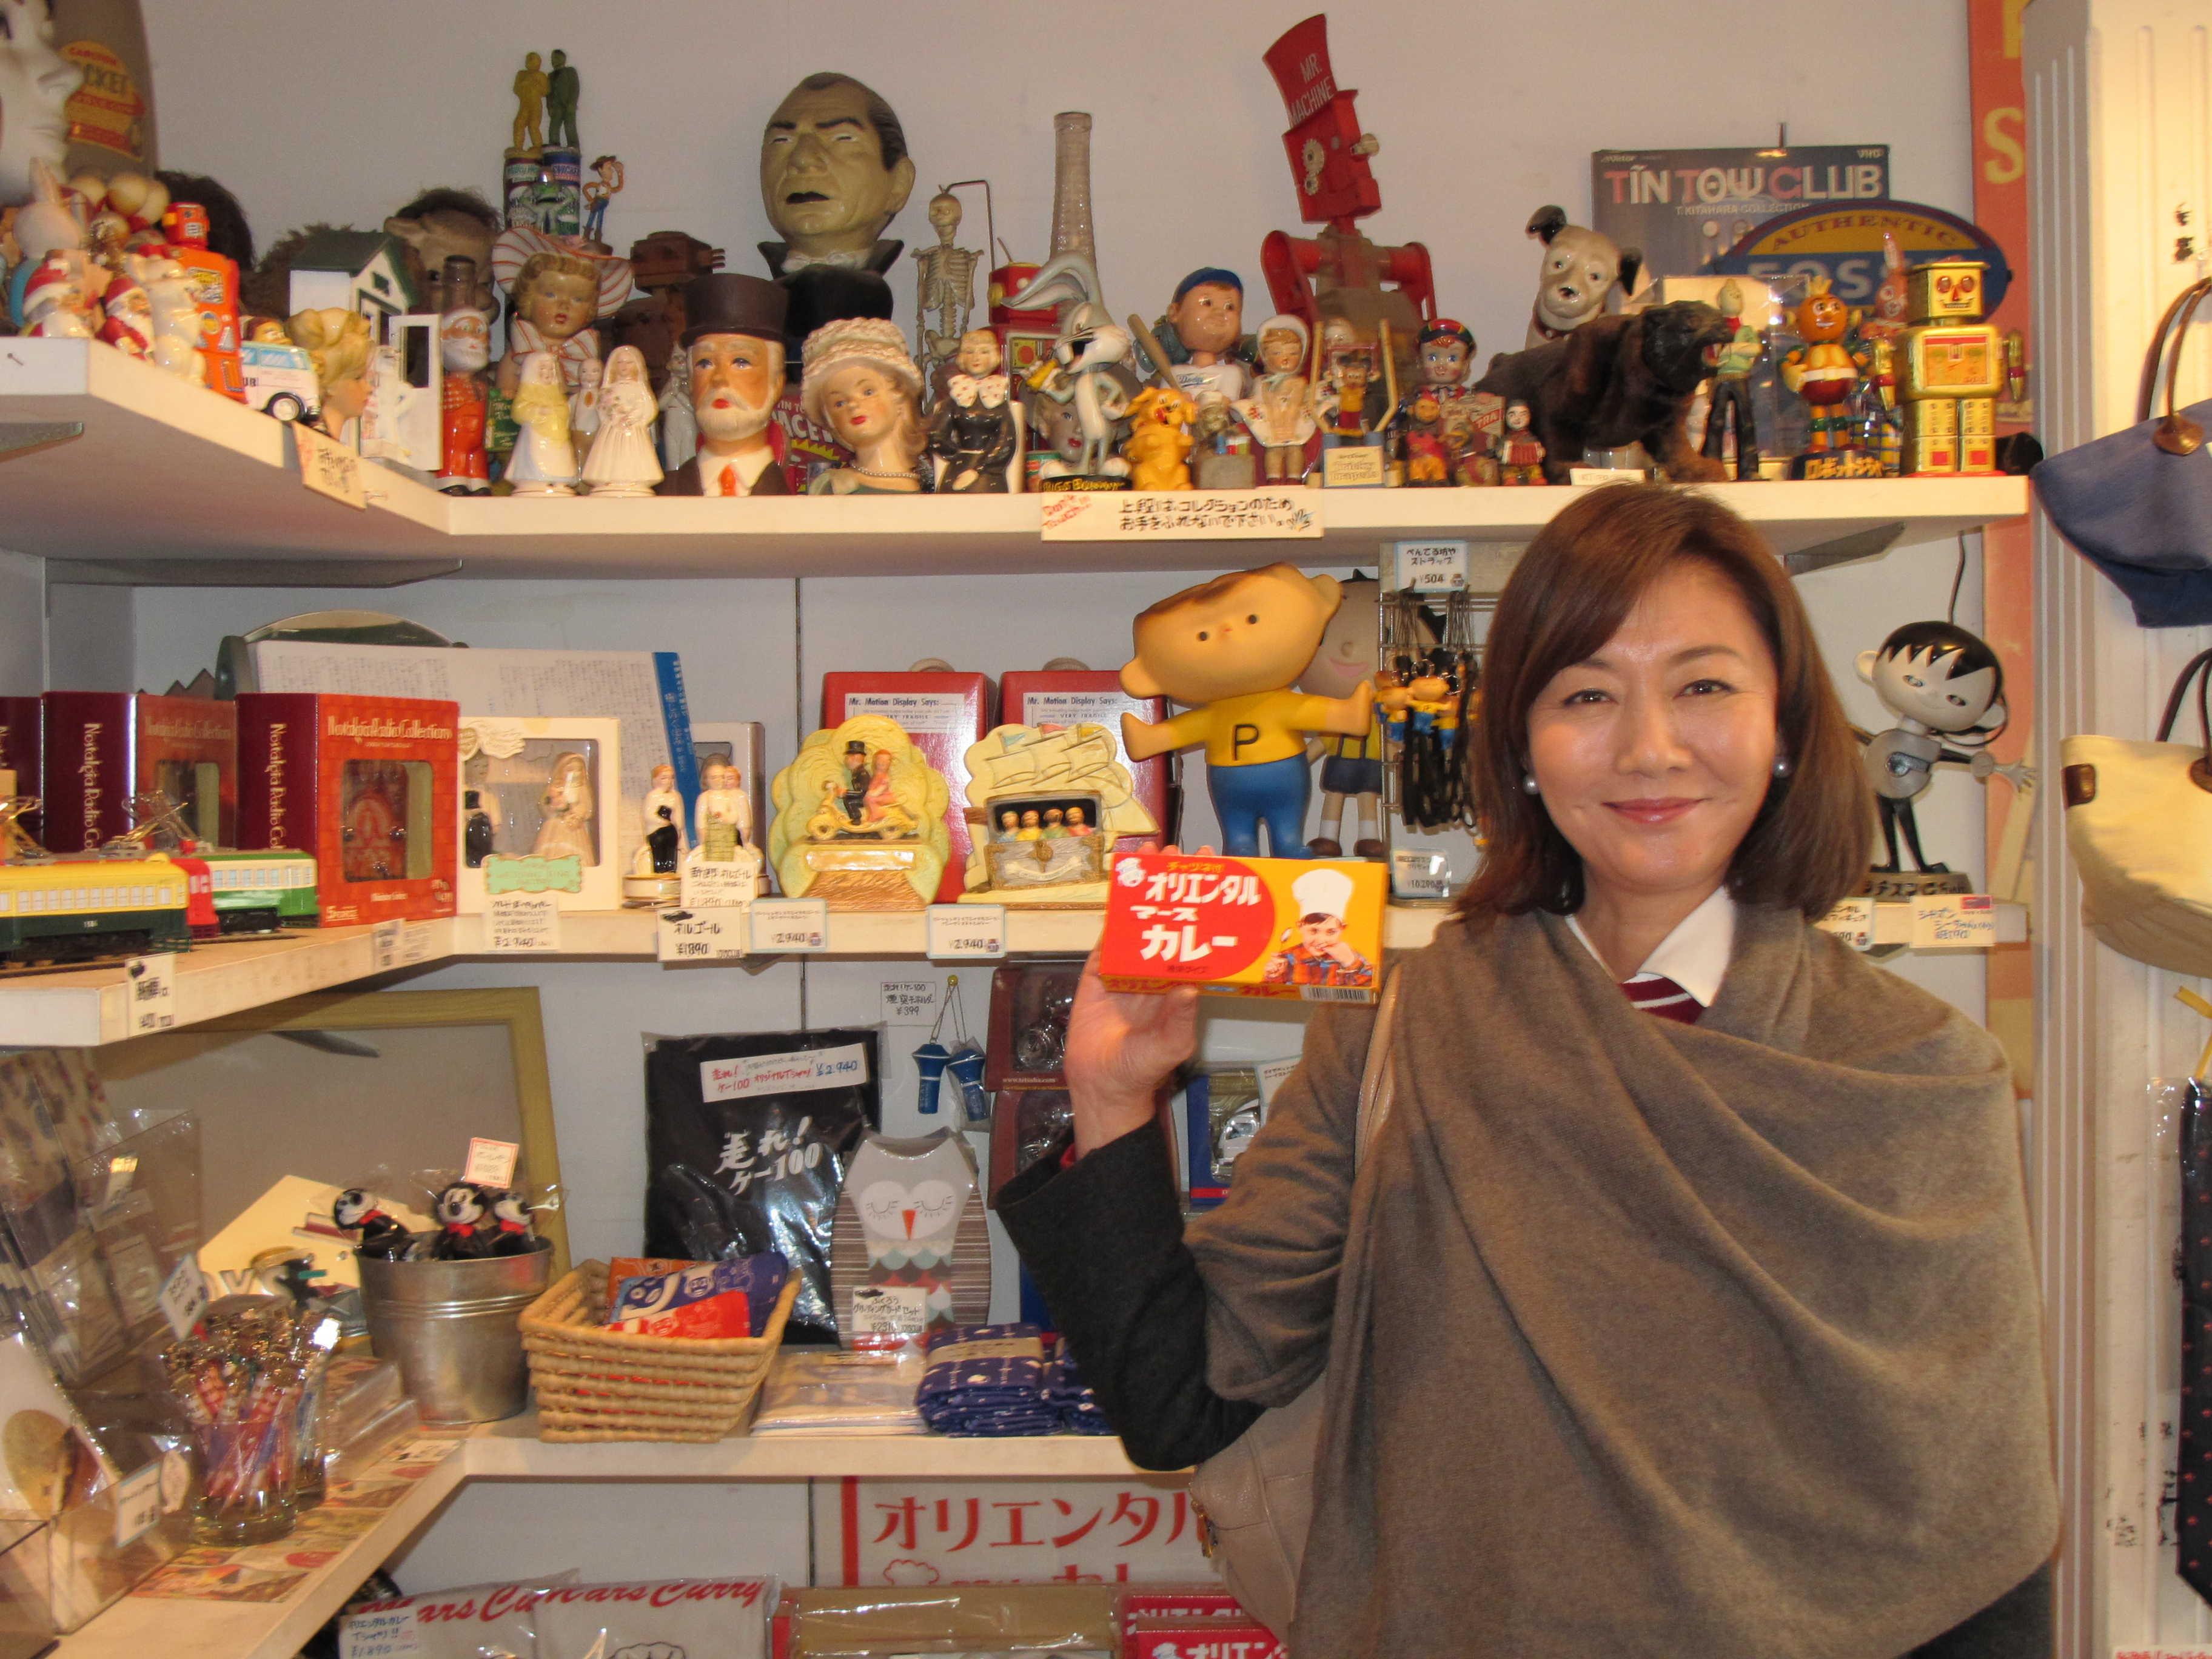 ブリキのおもちゃ博物館にて②_d0339677_11452389.jpg